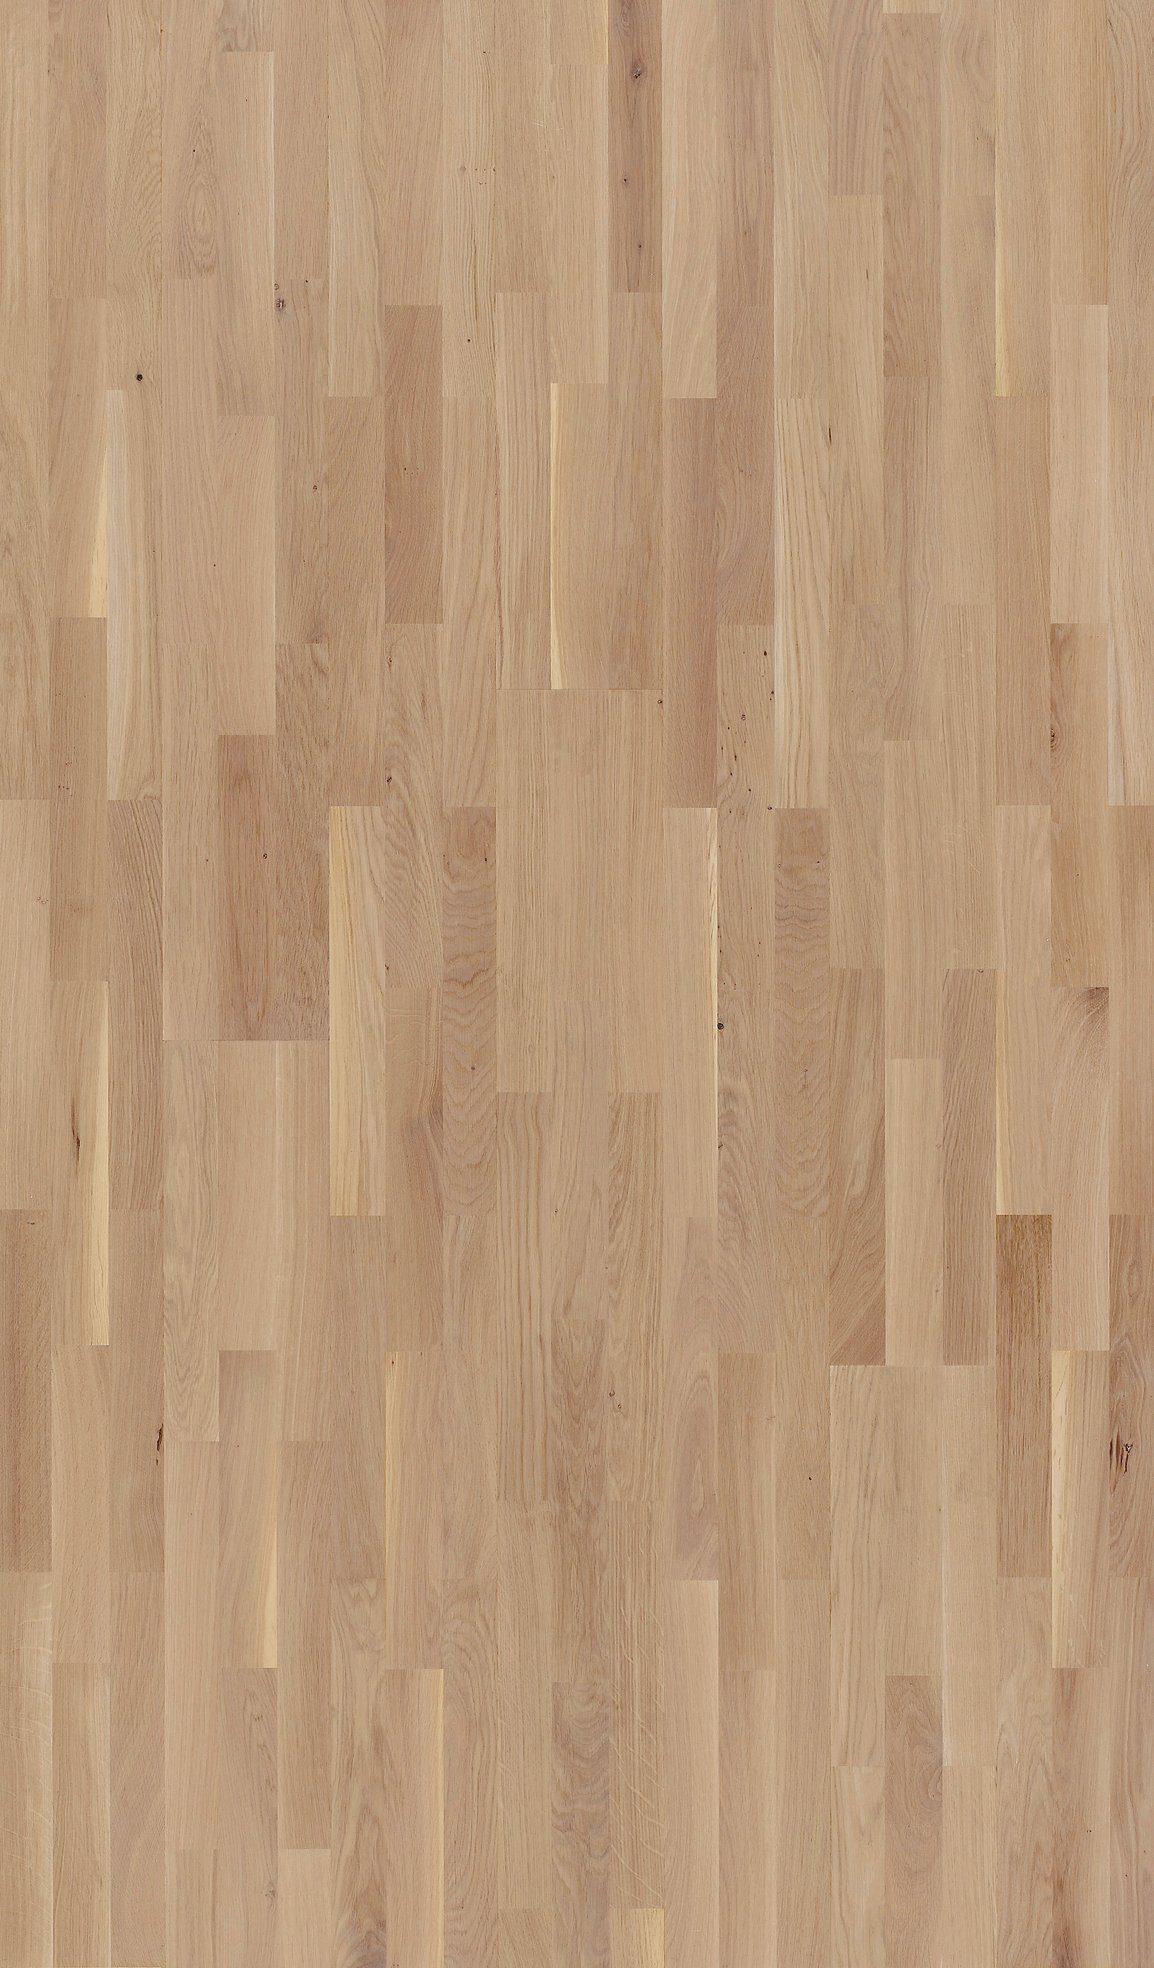 PARADOR Parkett »Basic Rustikal - Eiche, geölt«, 2200 x 185 mm, Stärke: 11,5 mm, 4,07 m²